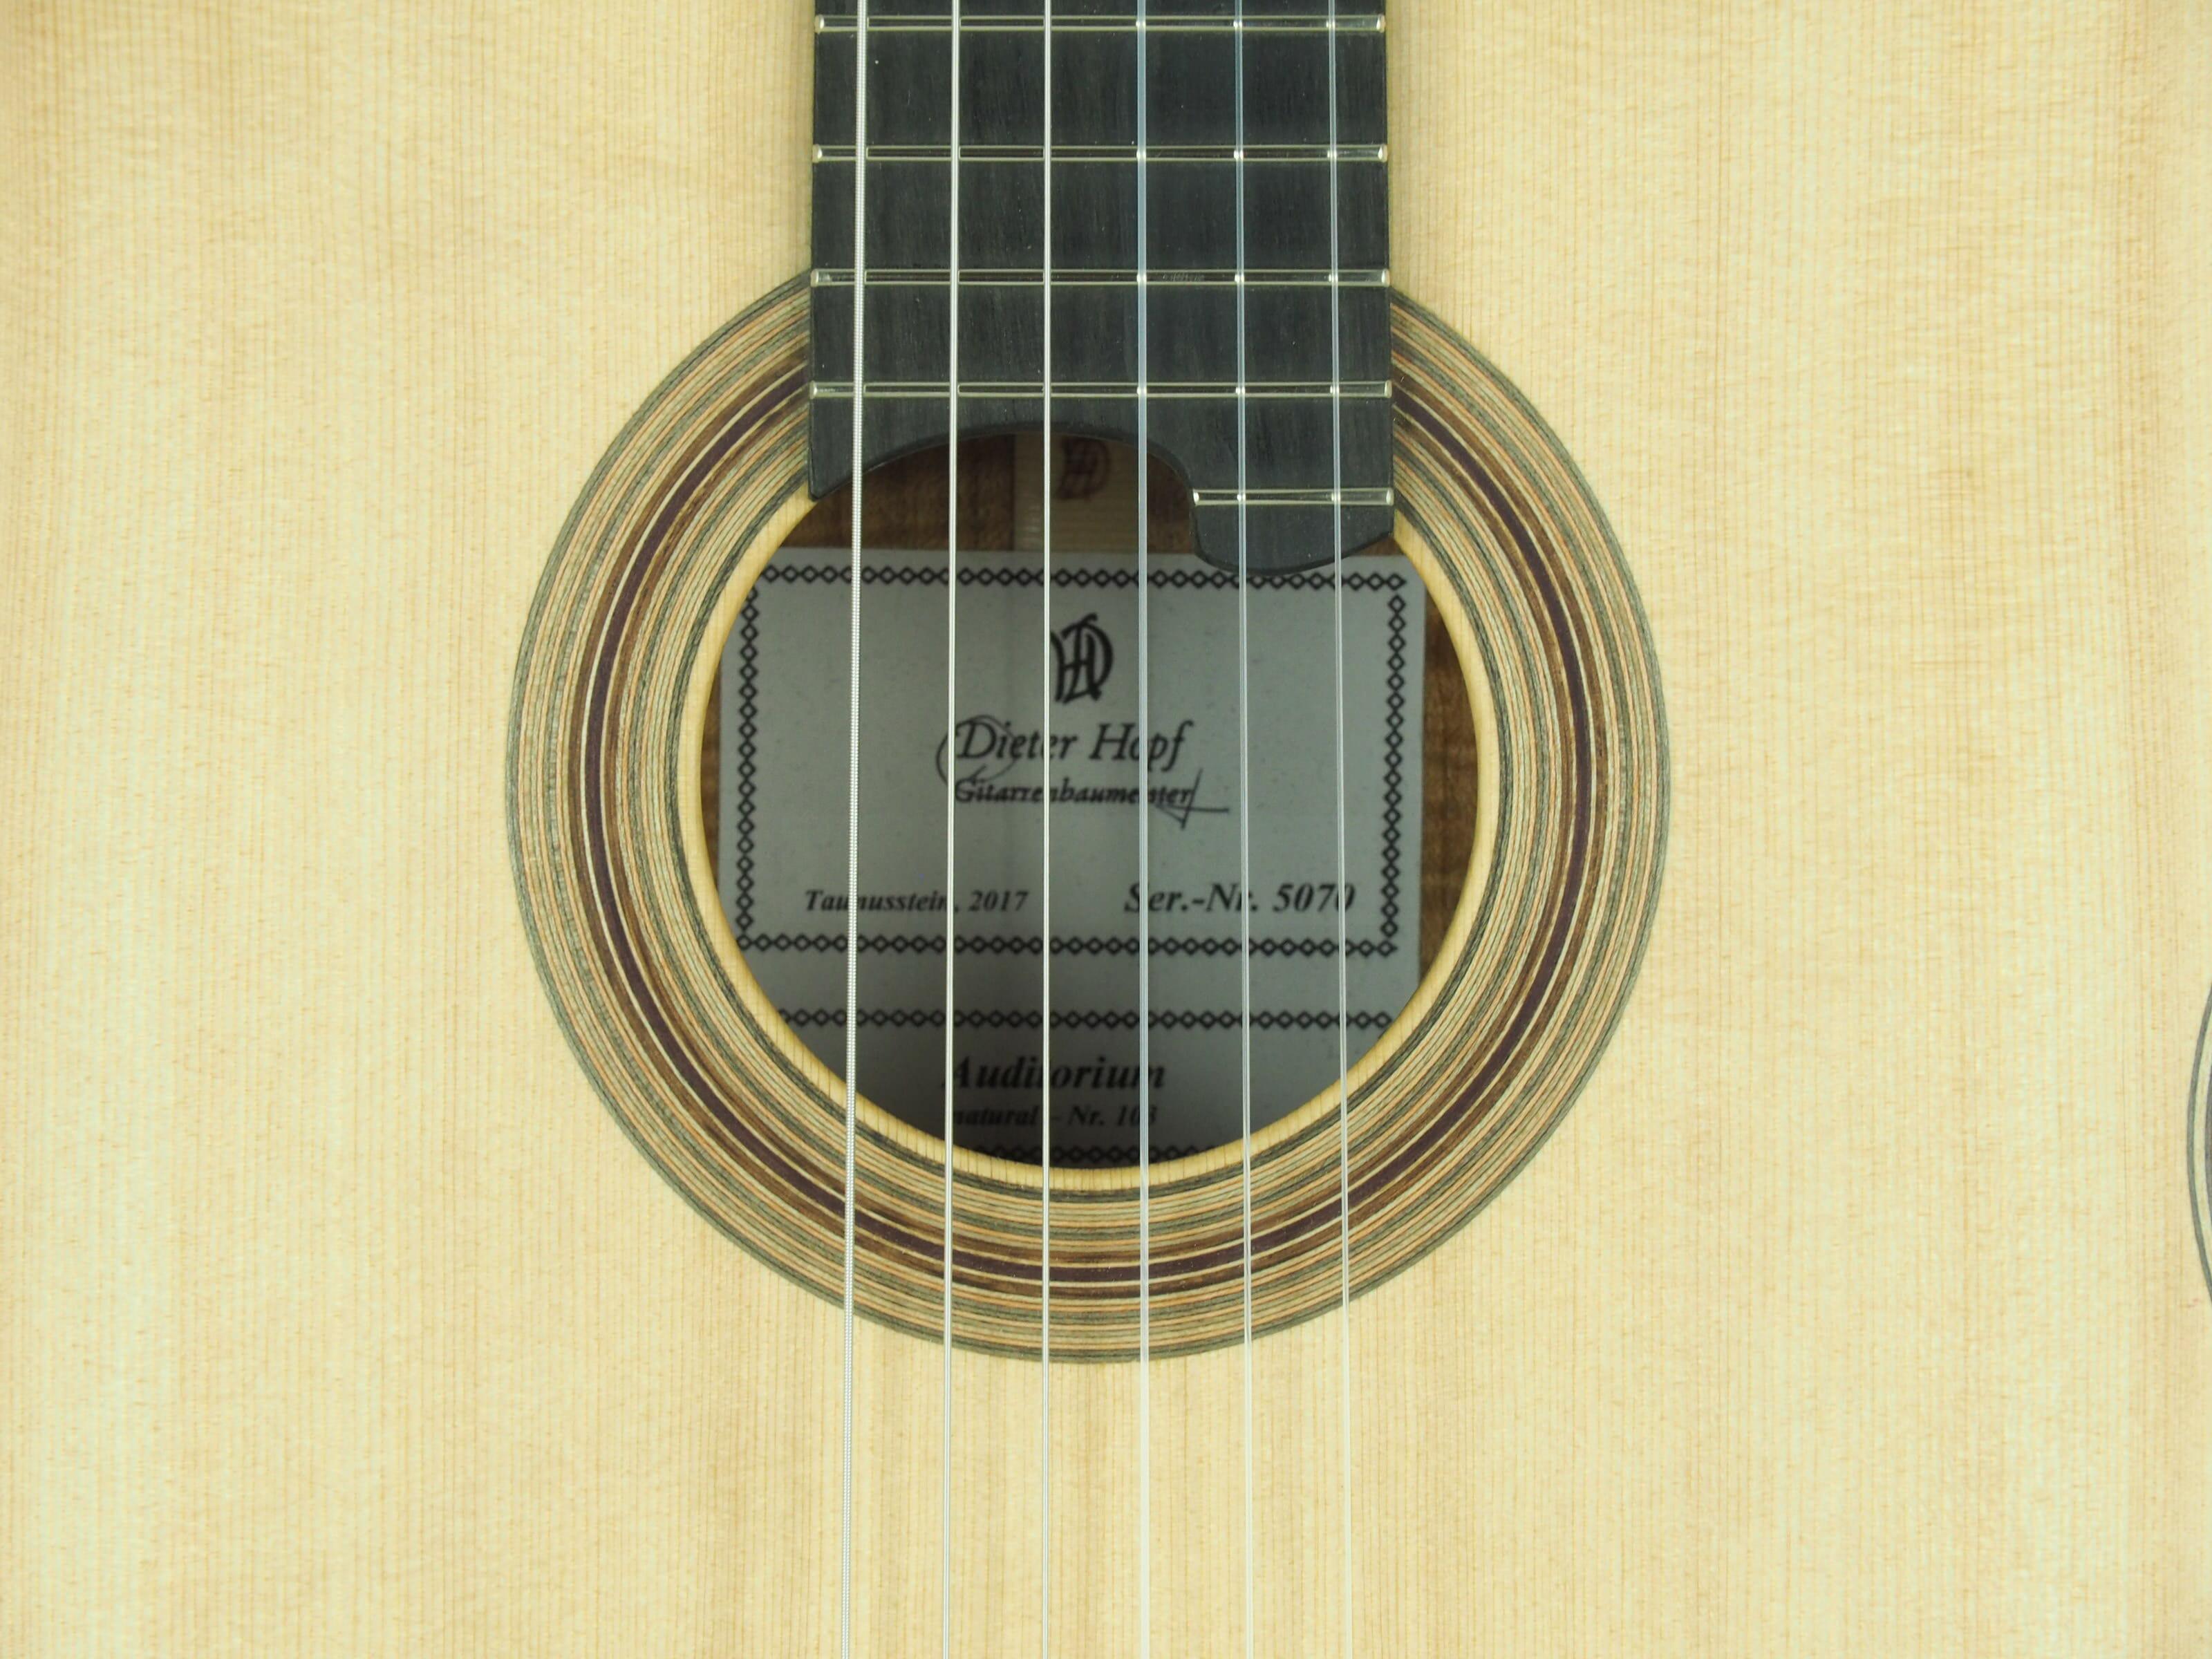 Dieter Hopf Luthier guitare classique Auditorium No 19HP070-07